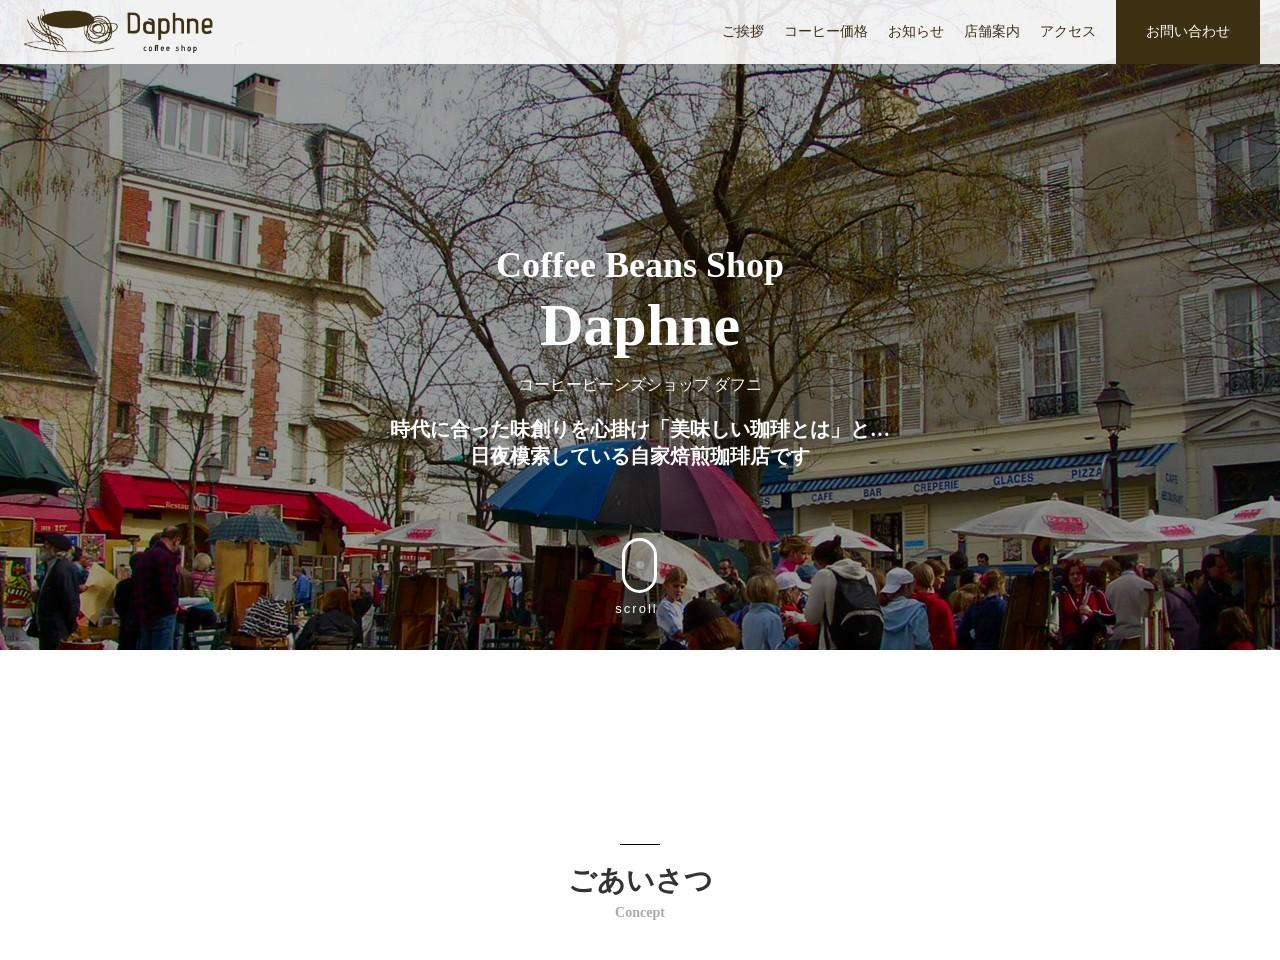 コーヒー豆専門店の老舗・Daphne(ダフニ)東京港区田町駅の喫茶店